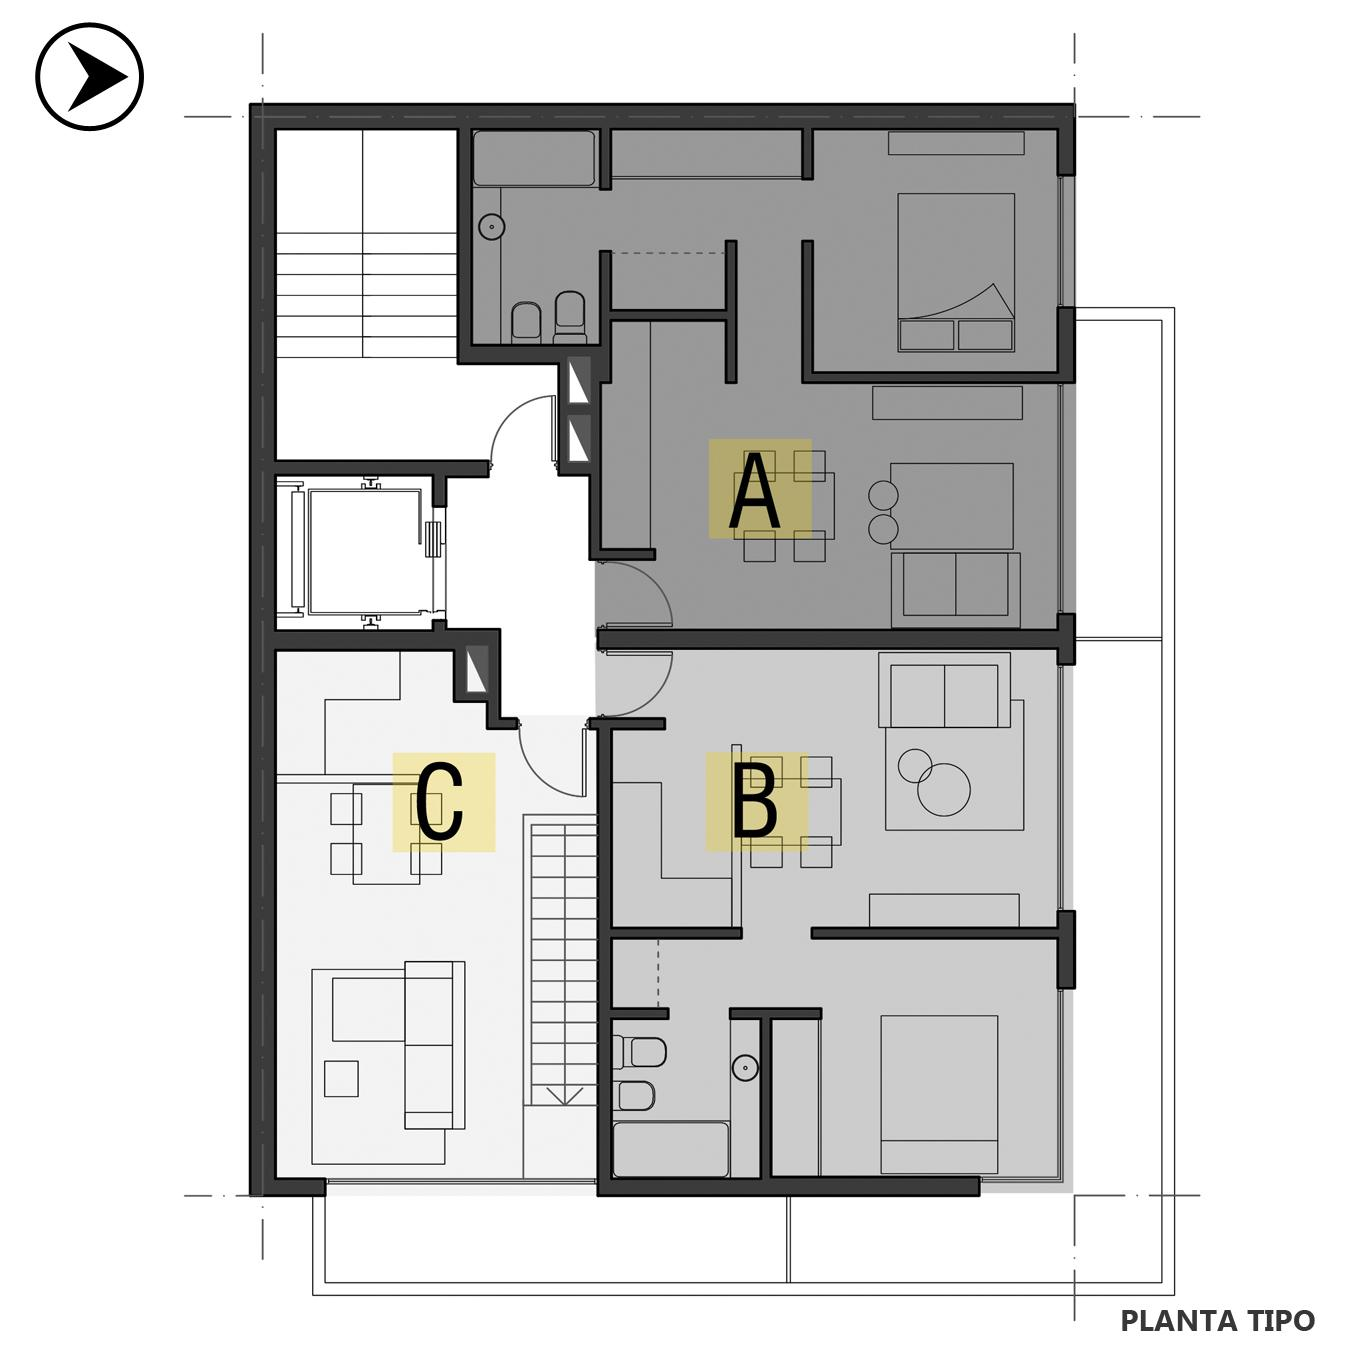 Venta departamento 1 dormitorio Rosario, Centro. Cod CBU24188 AP2257971. Crestale Propiedades